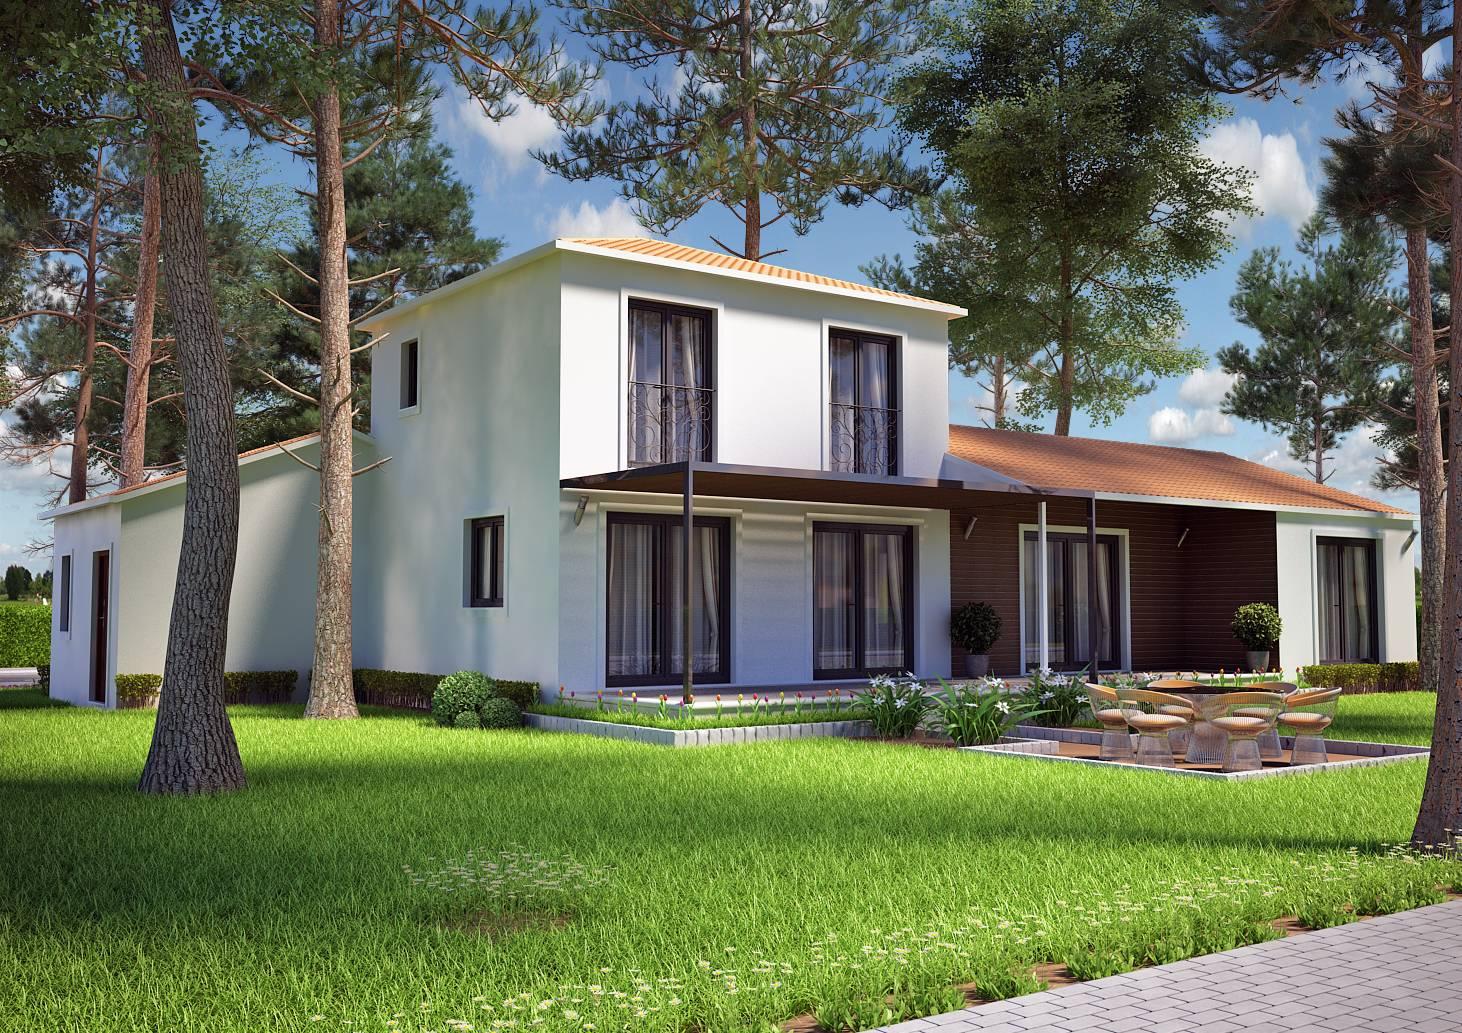 Votre maison sur mesure salon de provence 13300 bdr - Constructeur maison salon de provence ...